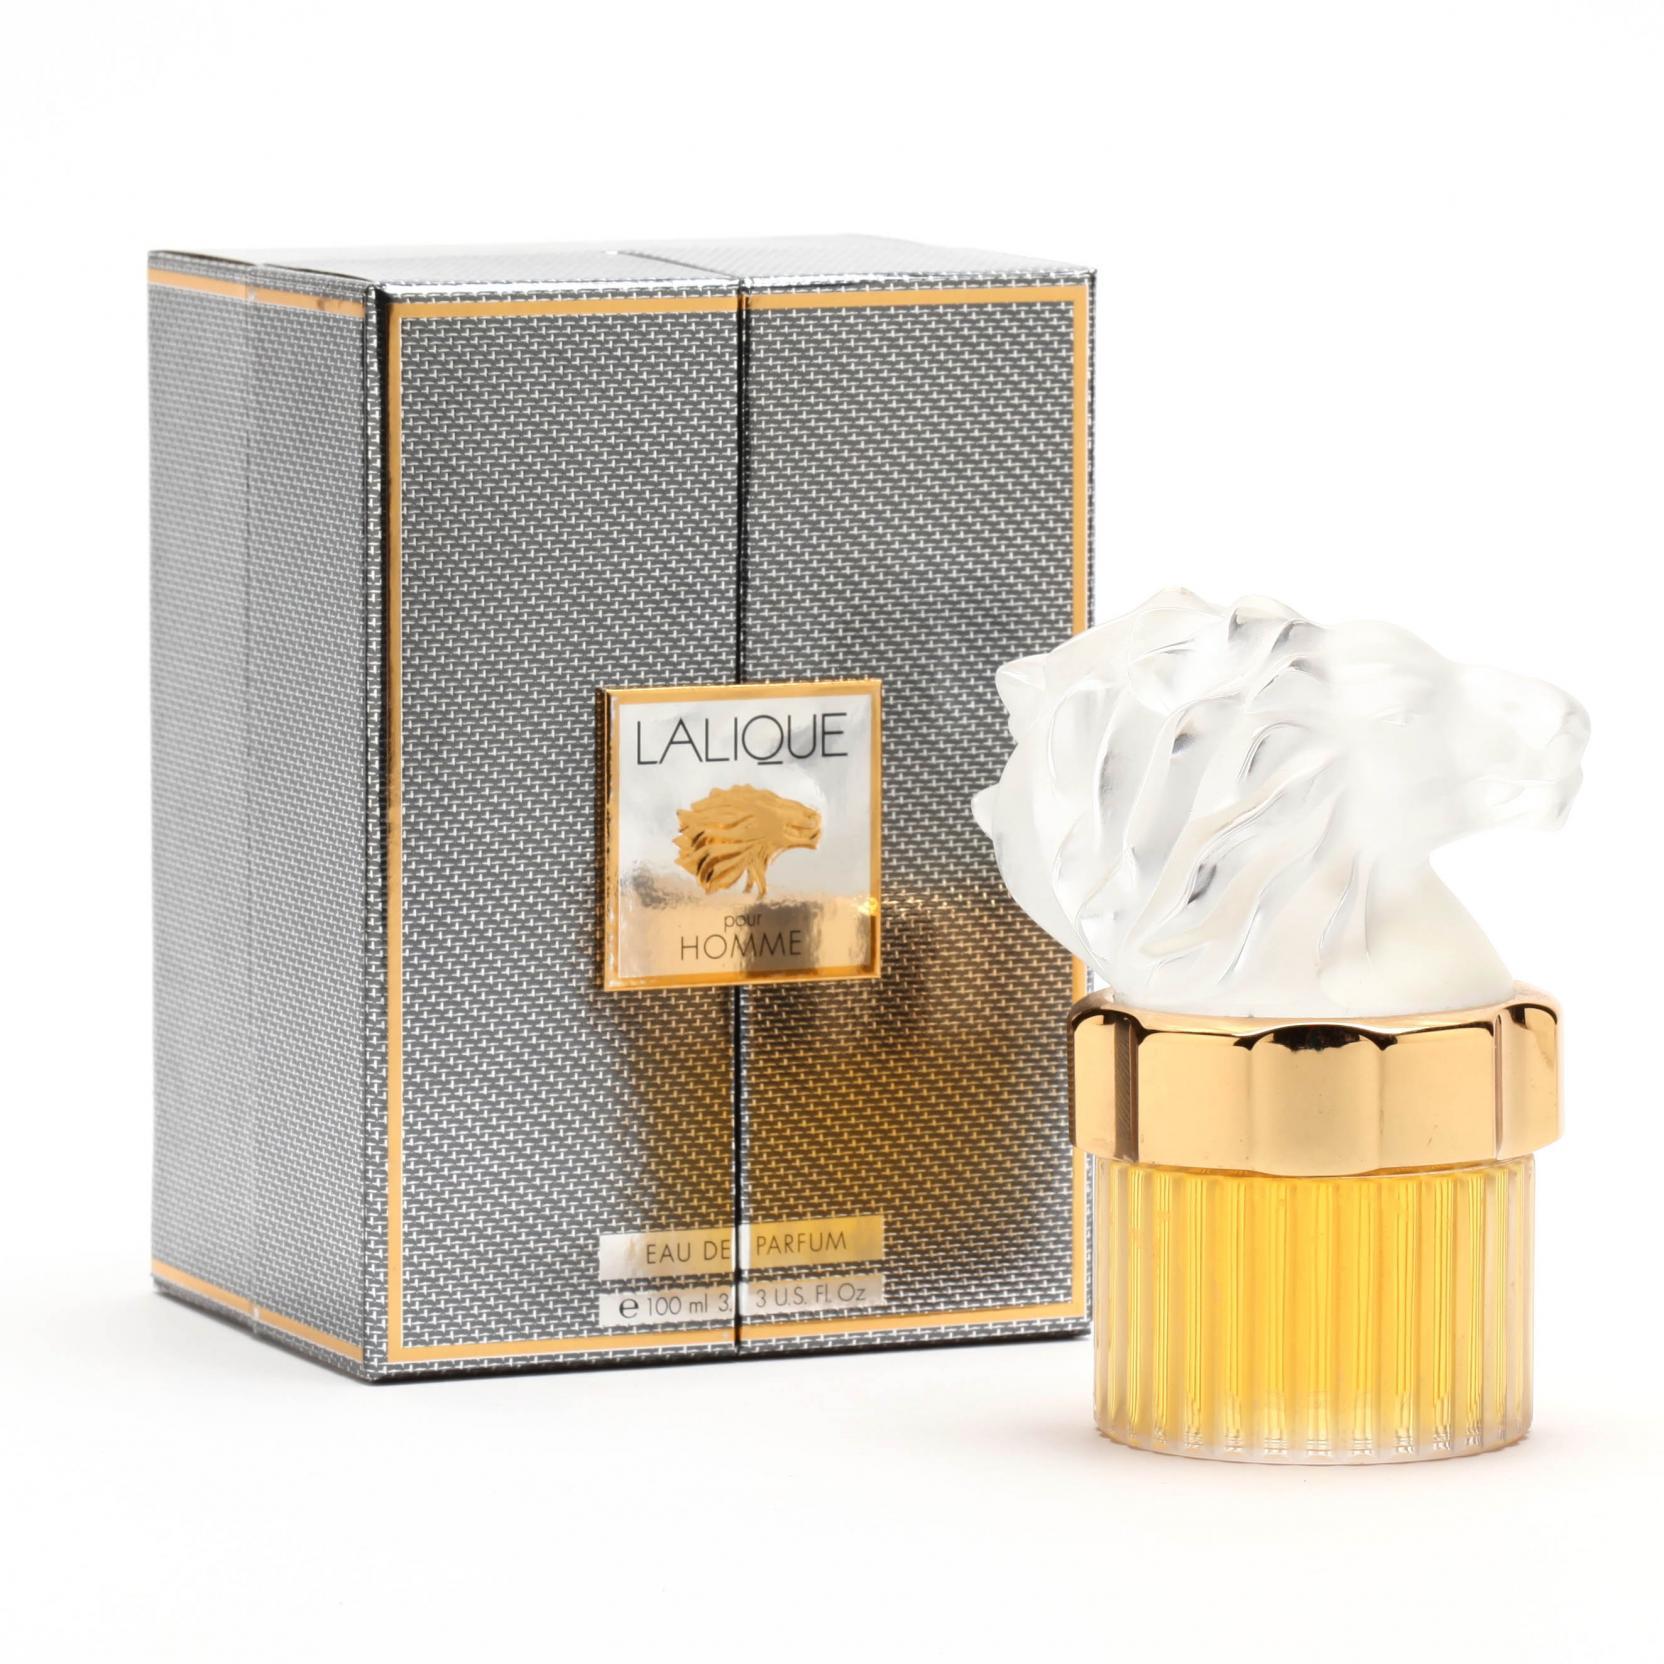 flacon-limited-edition-pour-homme-lalique-lion-parfum